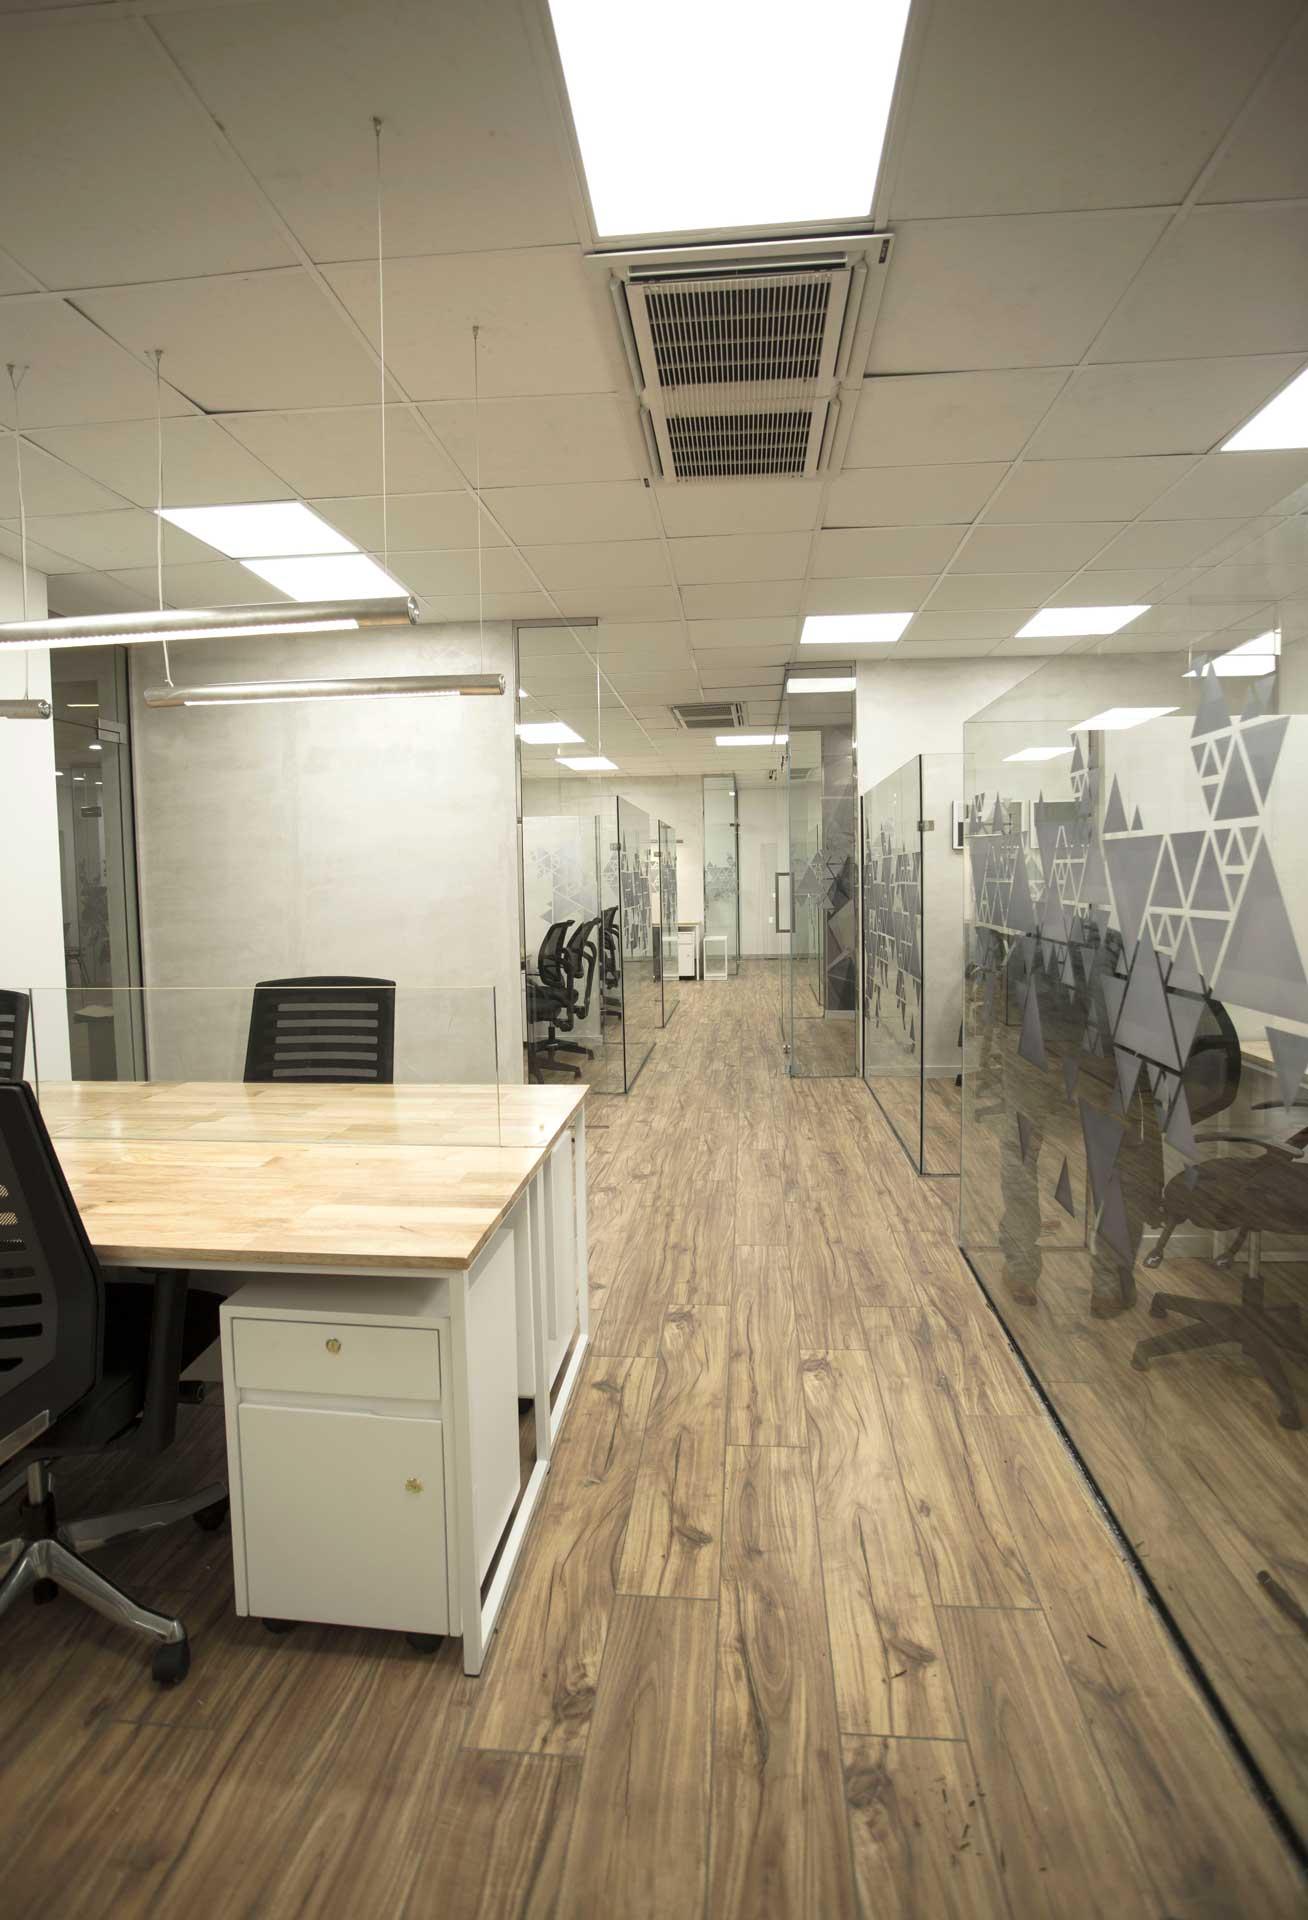 Employers Federation of Ceylon Image 06 | Legal Advisory Office Designing